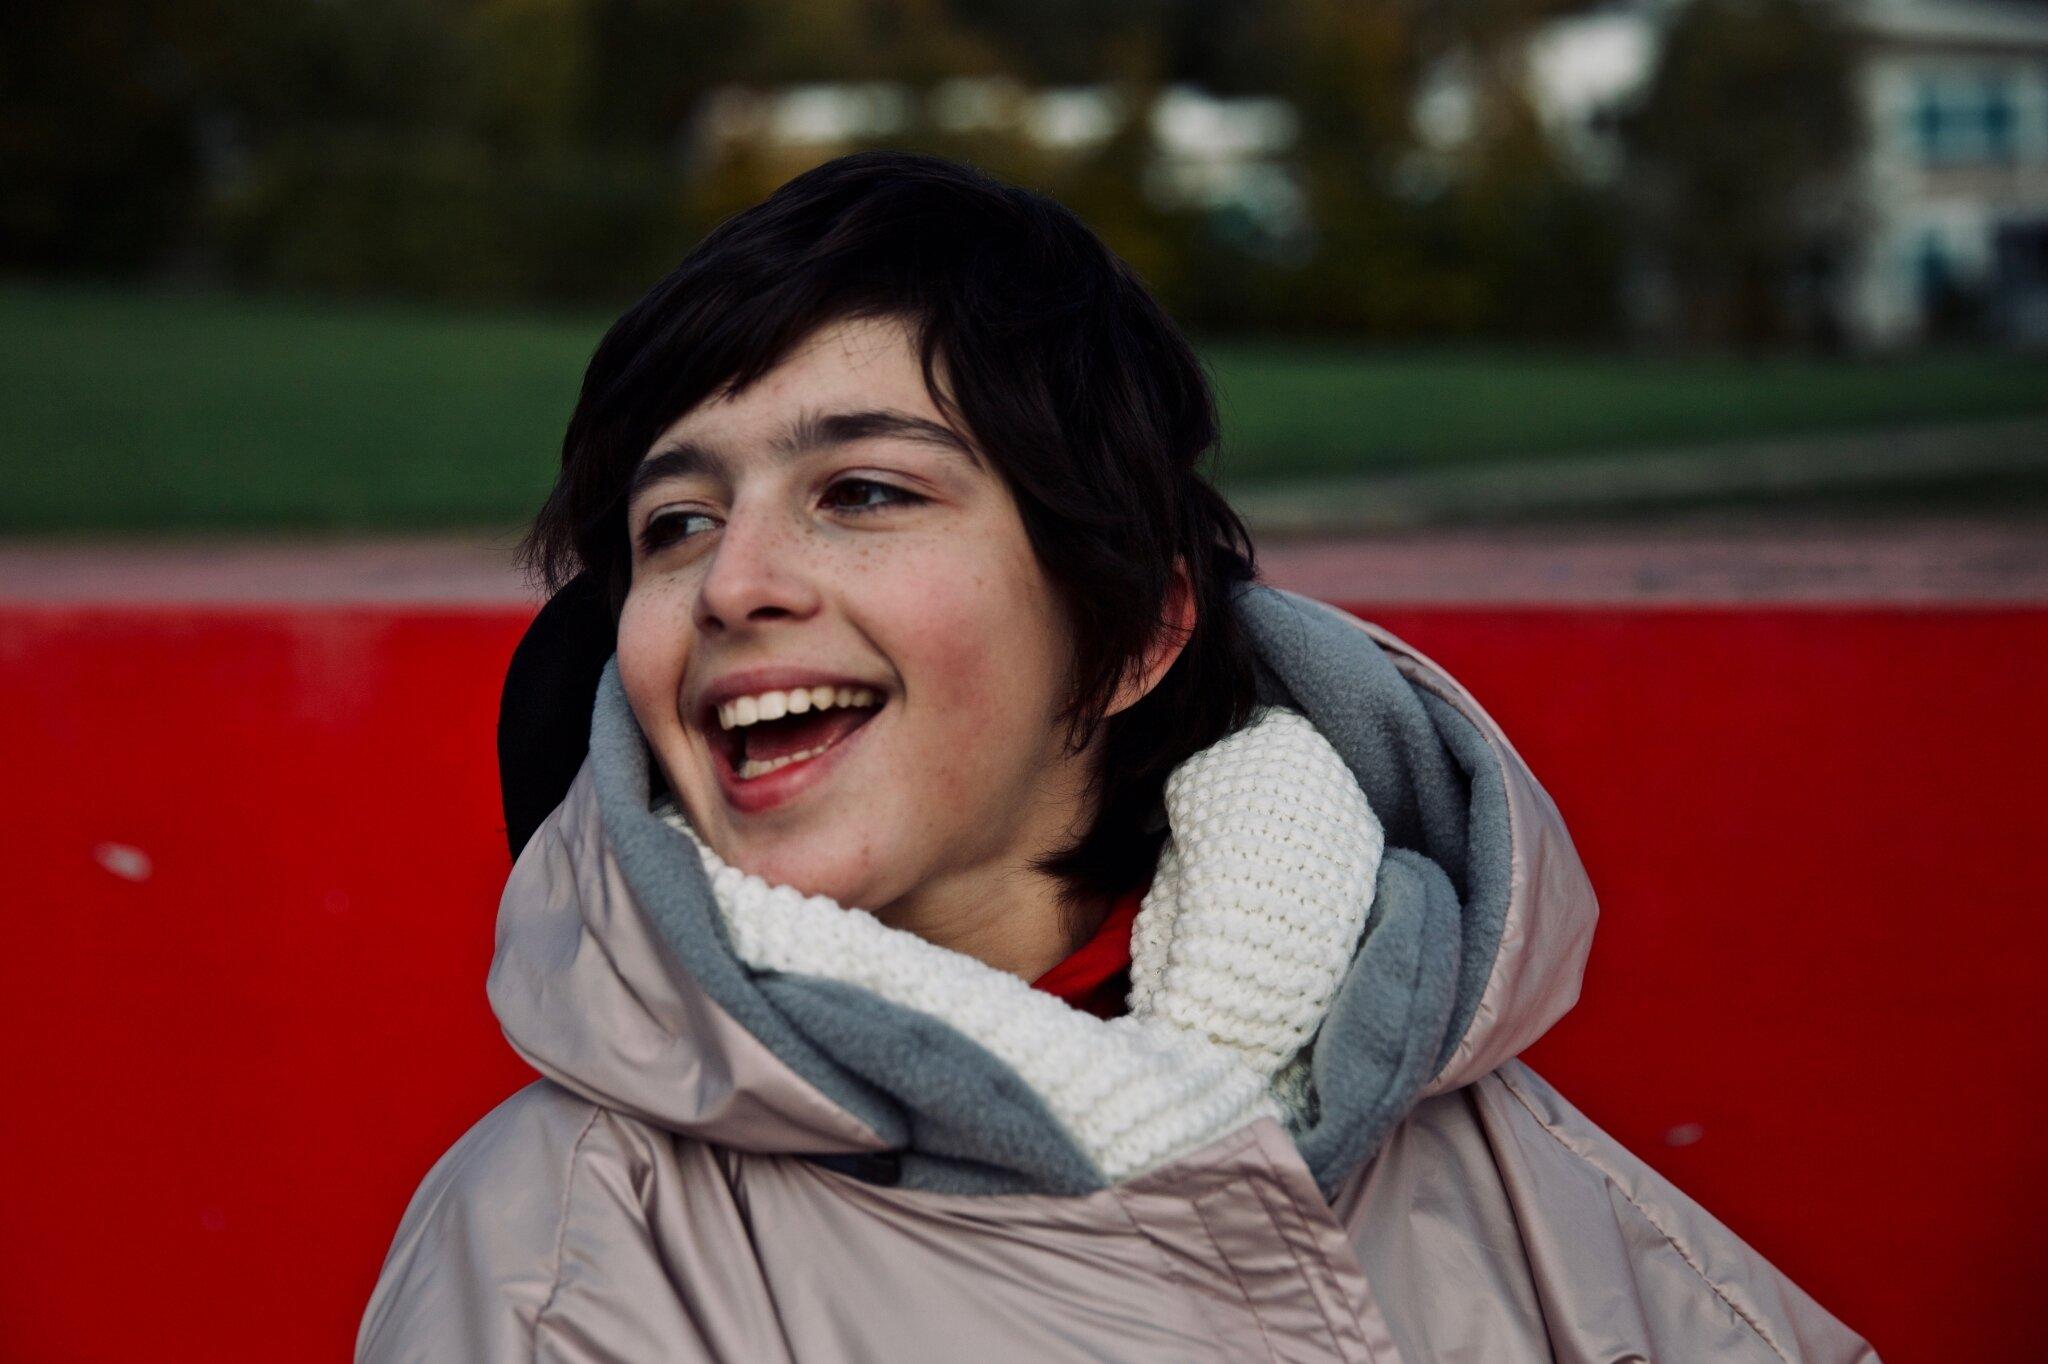 les Capes et manteaux hivernales adaptées pour les enfants et les adultes 129€ au lieu de 169€